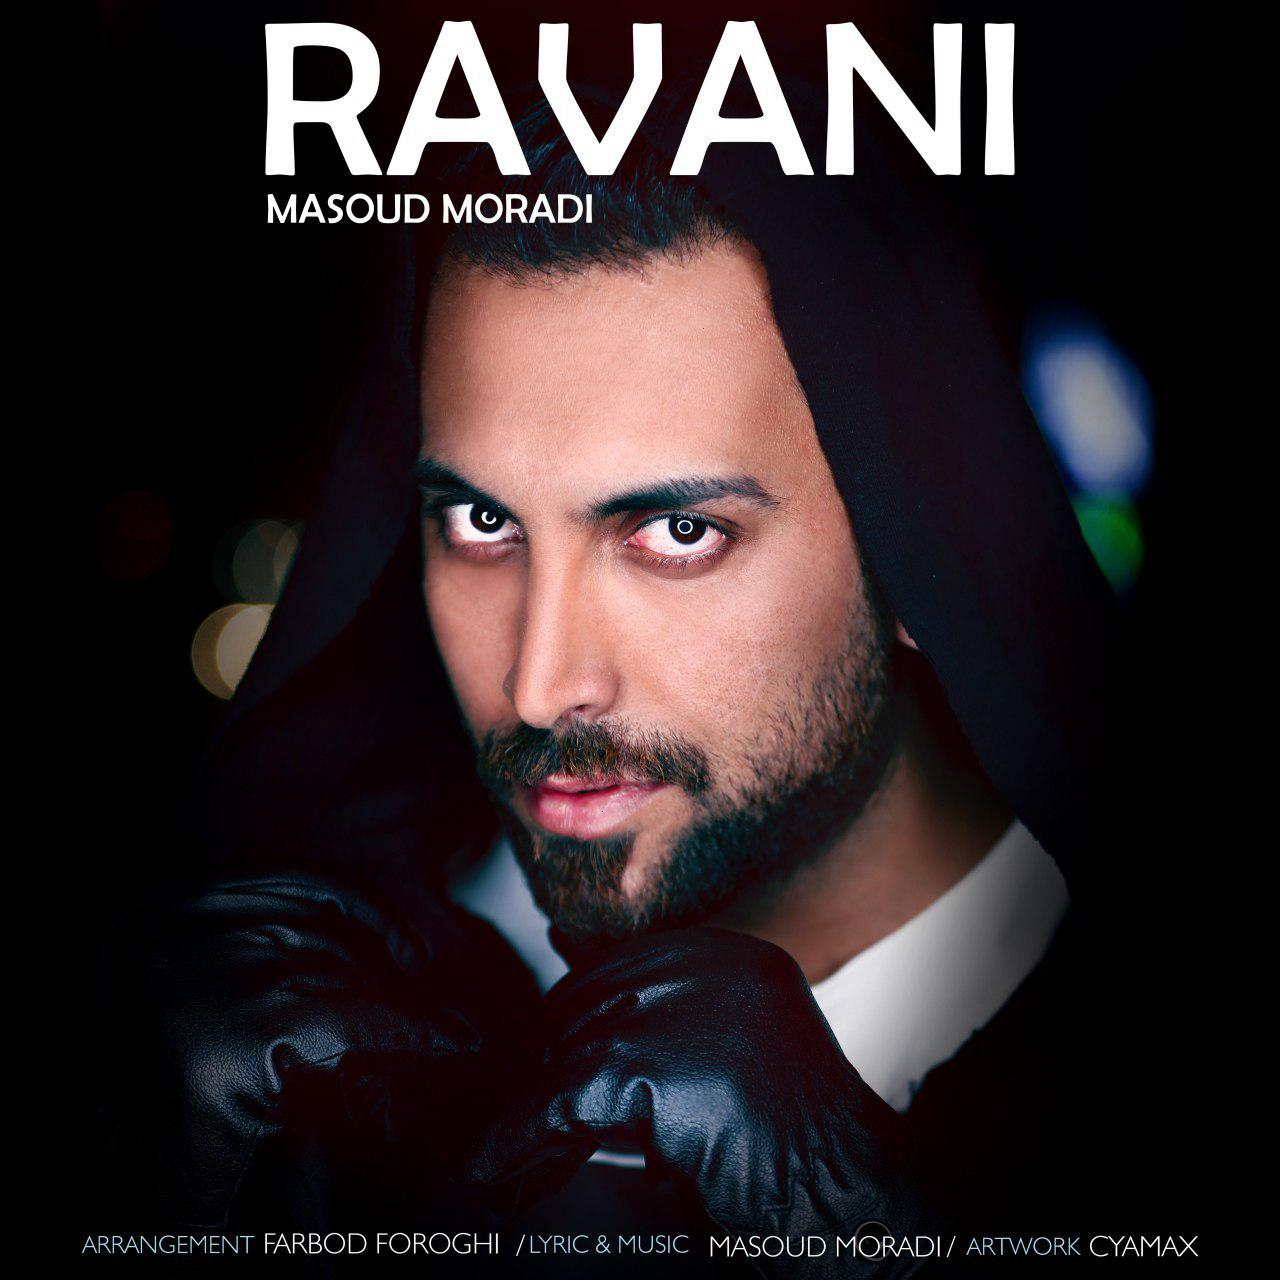 دانلود آهنگ Ravani از Masoud Moradi